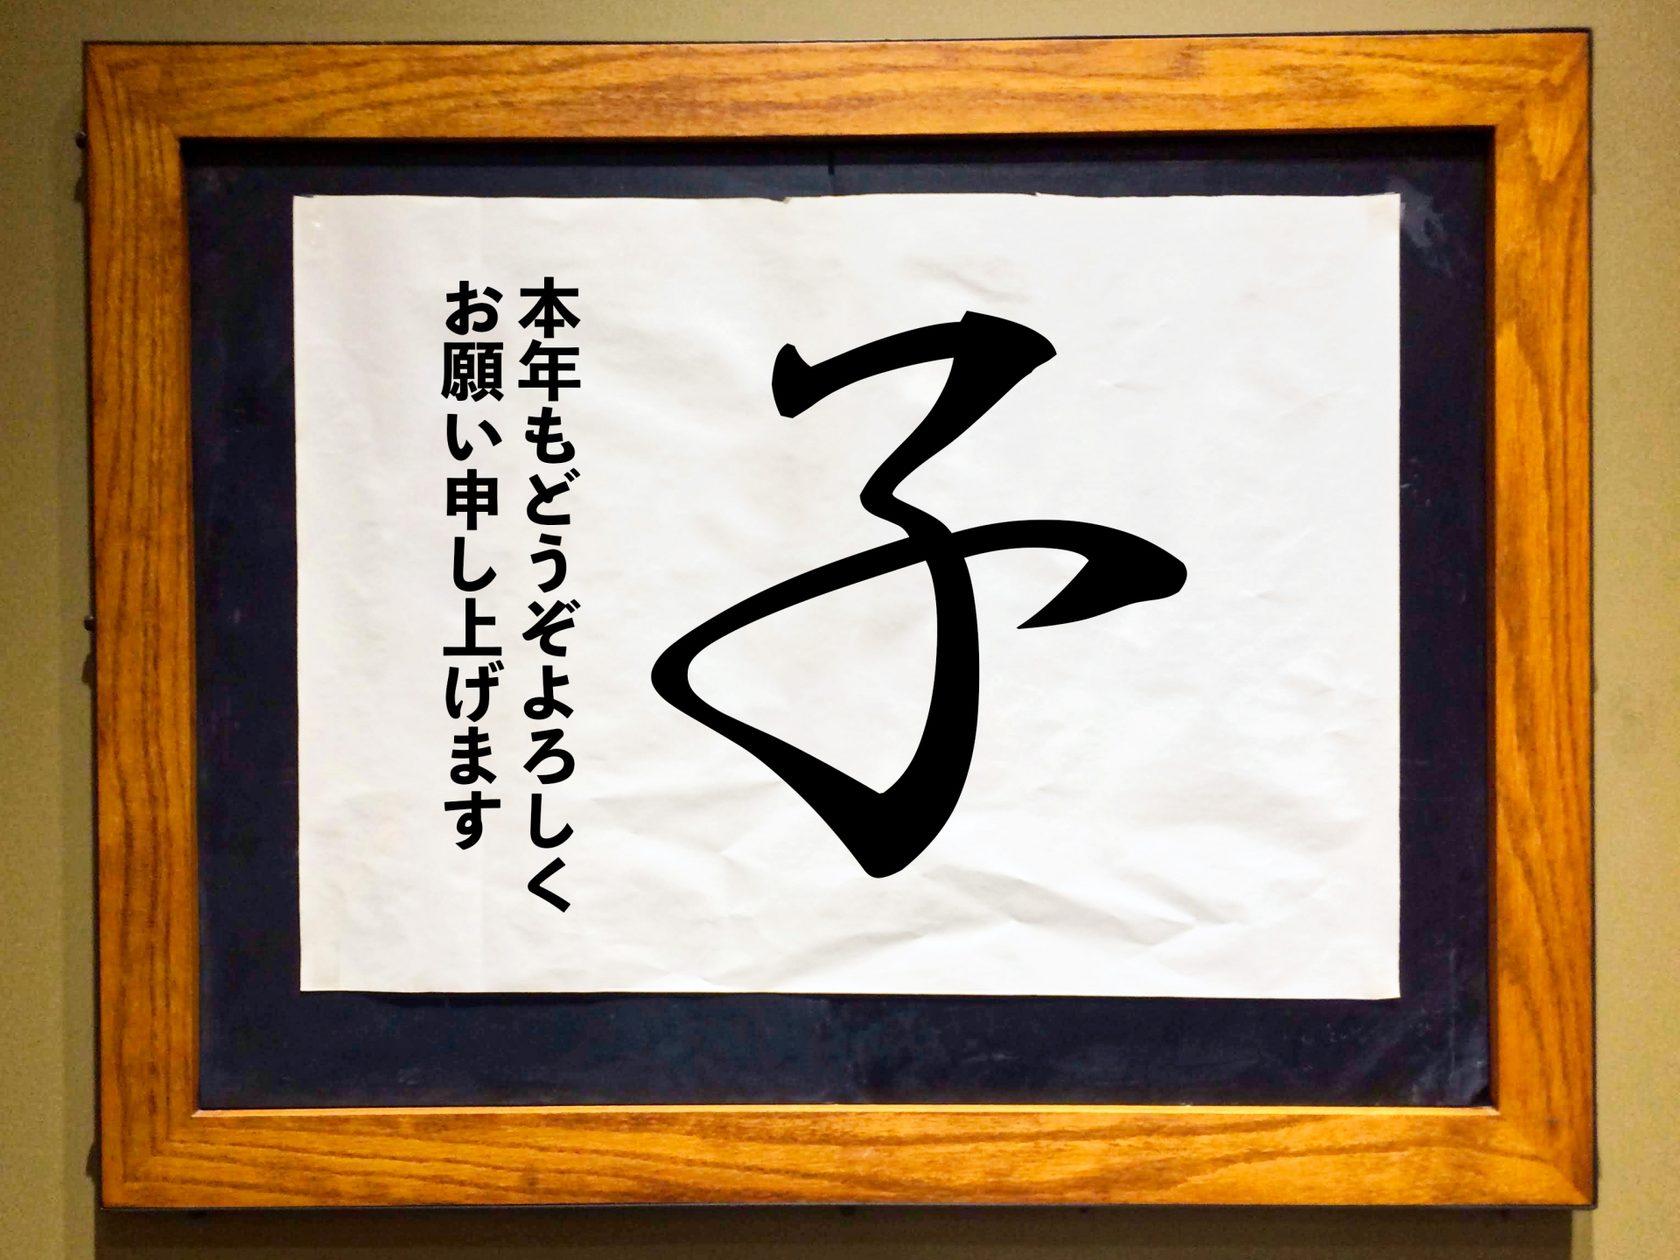 Перевести японский иероглиф по фото